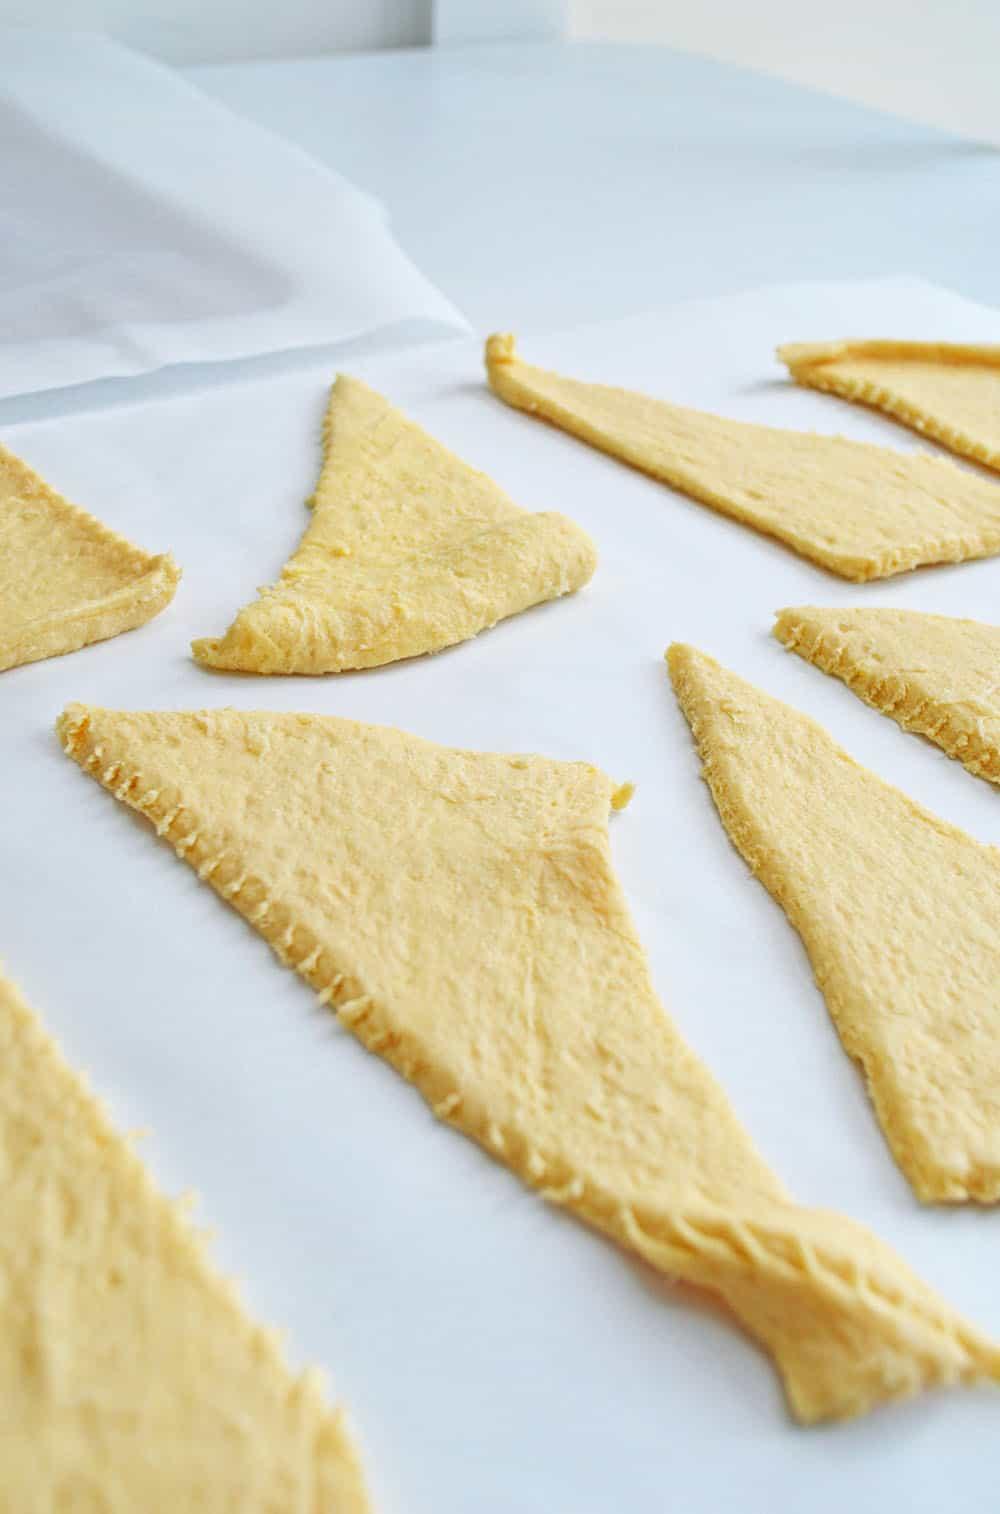 crescent dough on a baking sheet